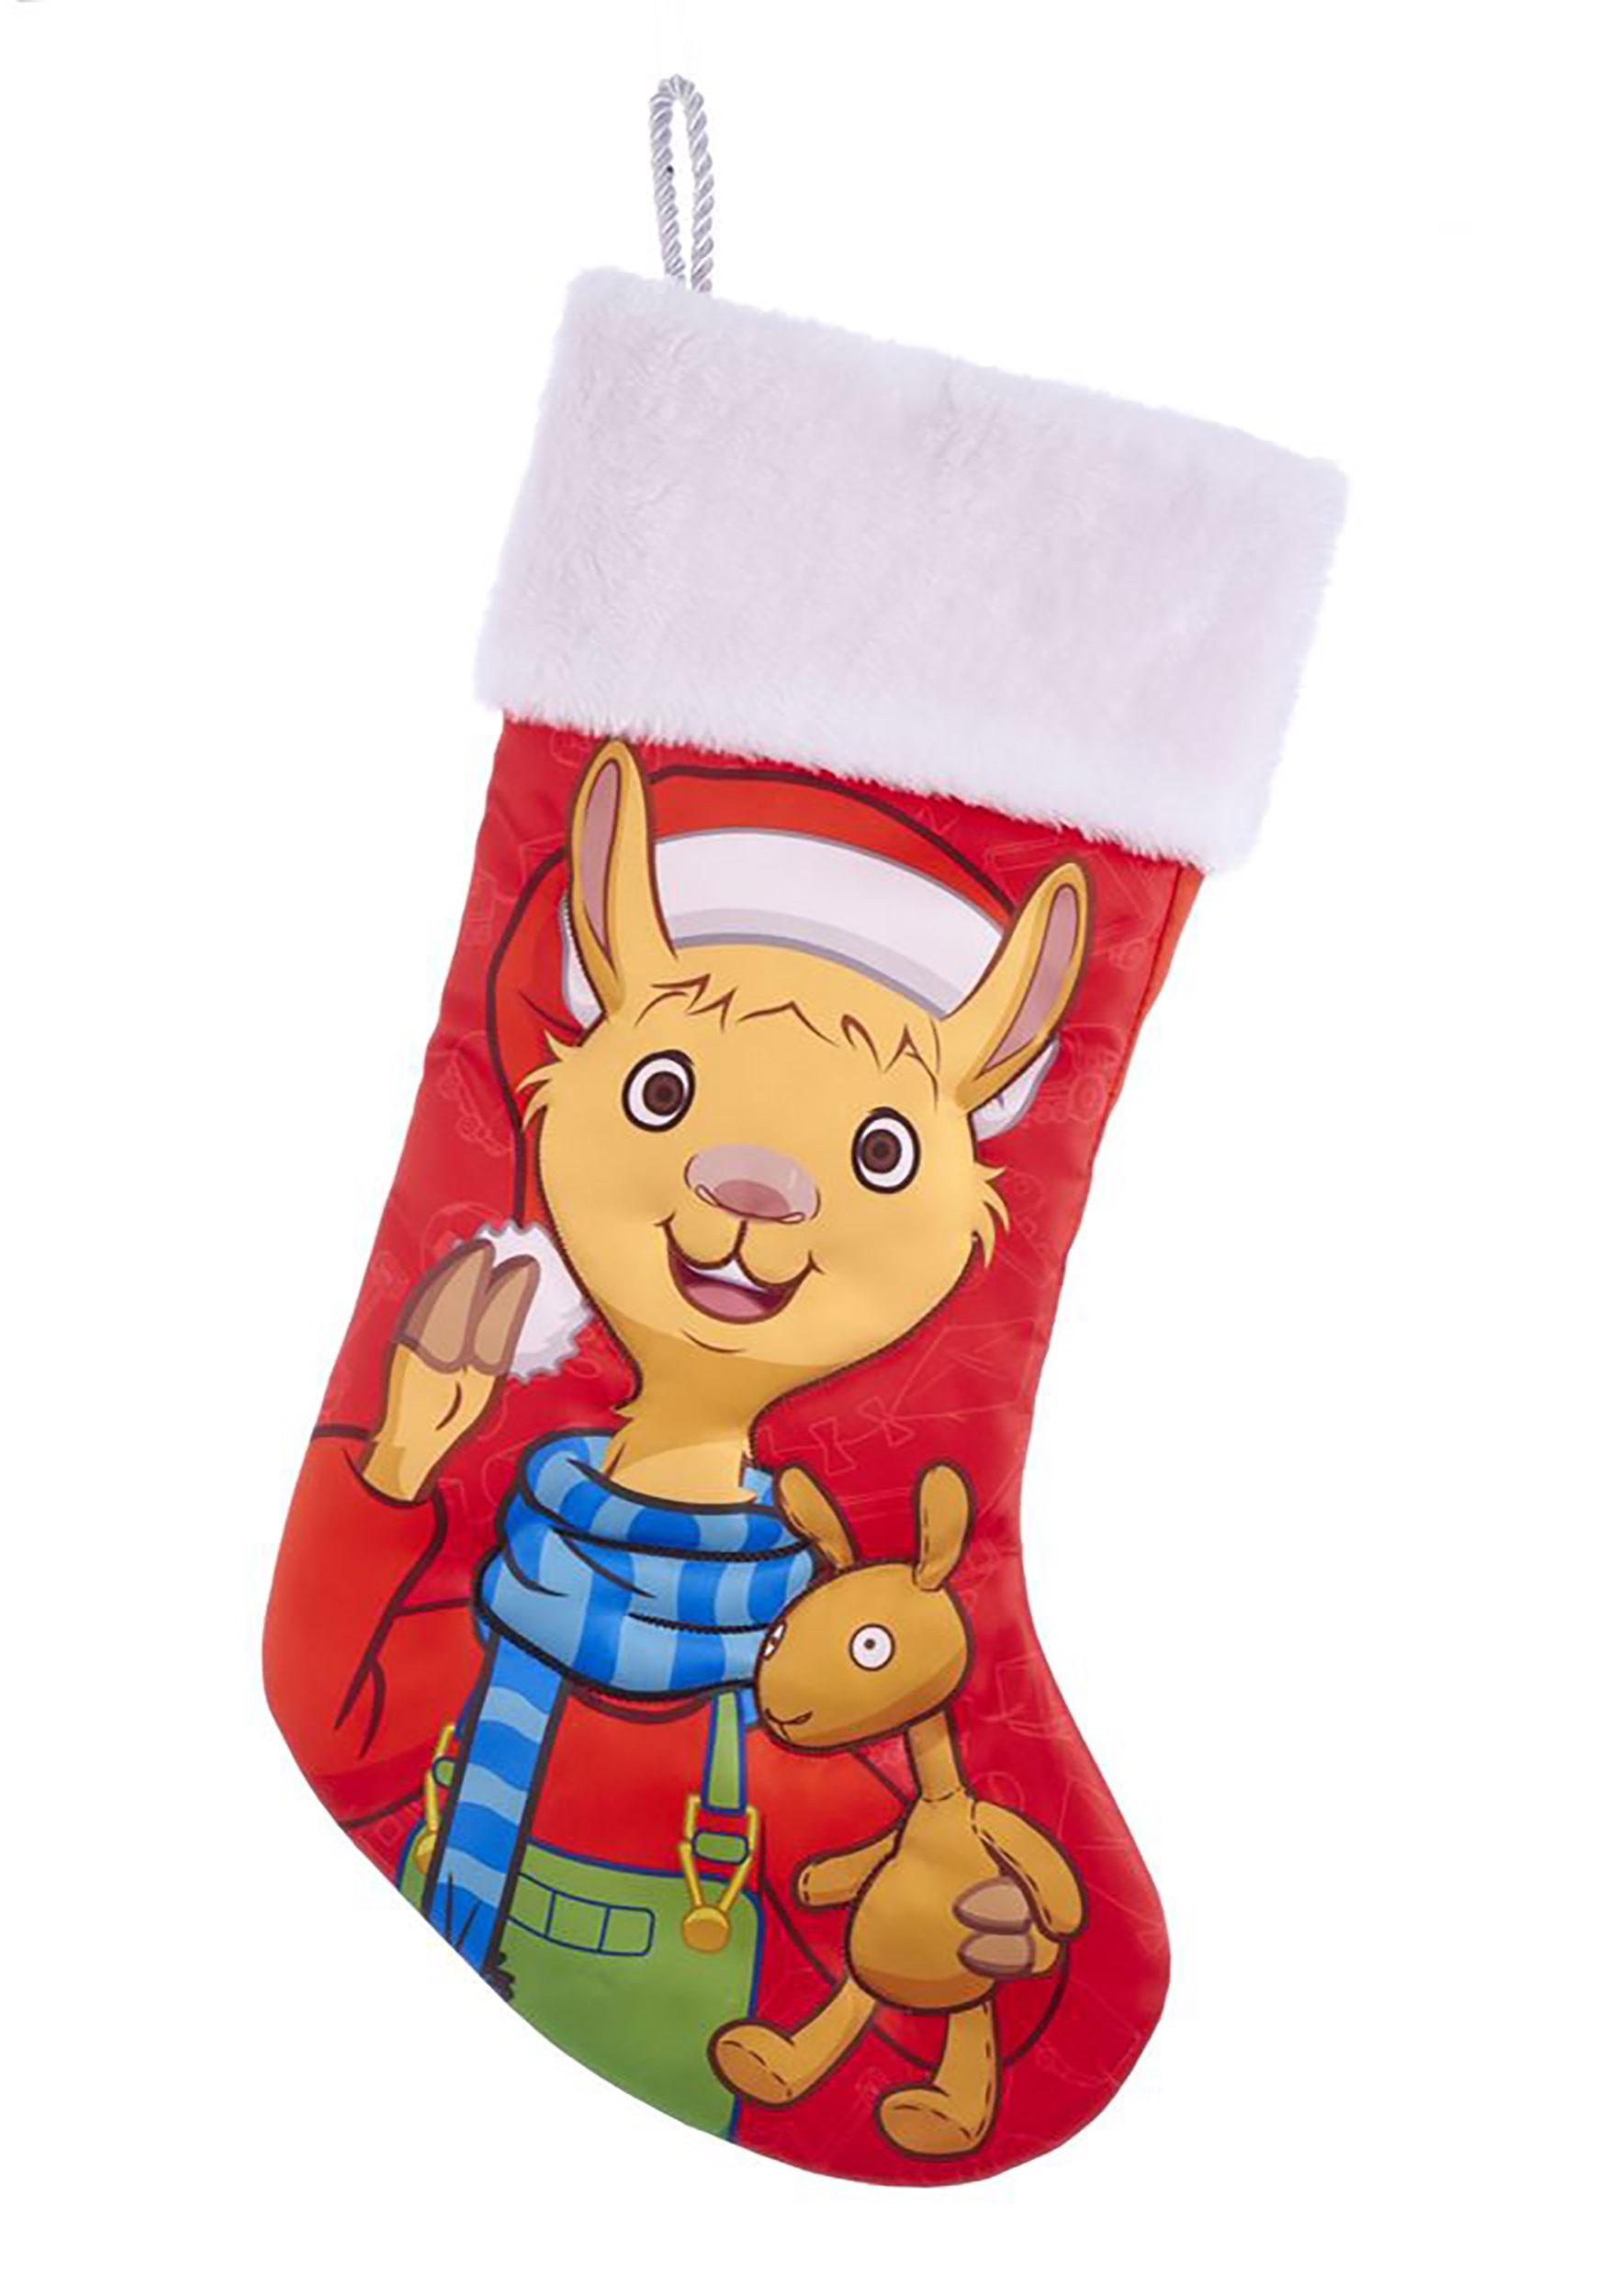 Llama Christmas Stocking.Llama Llama Stocking W White Faux Fur Cuff